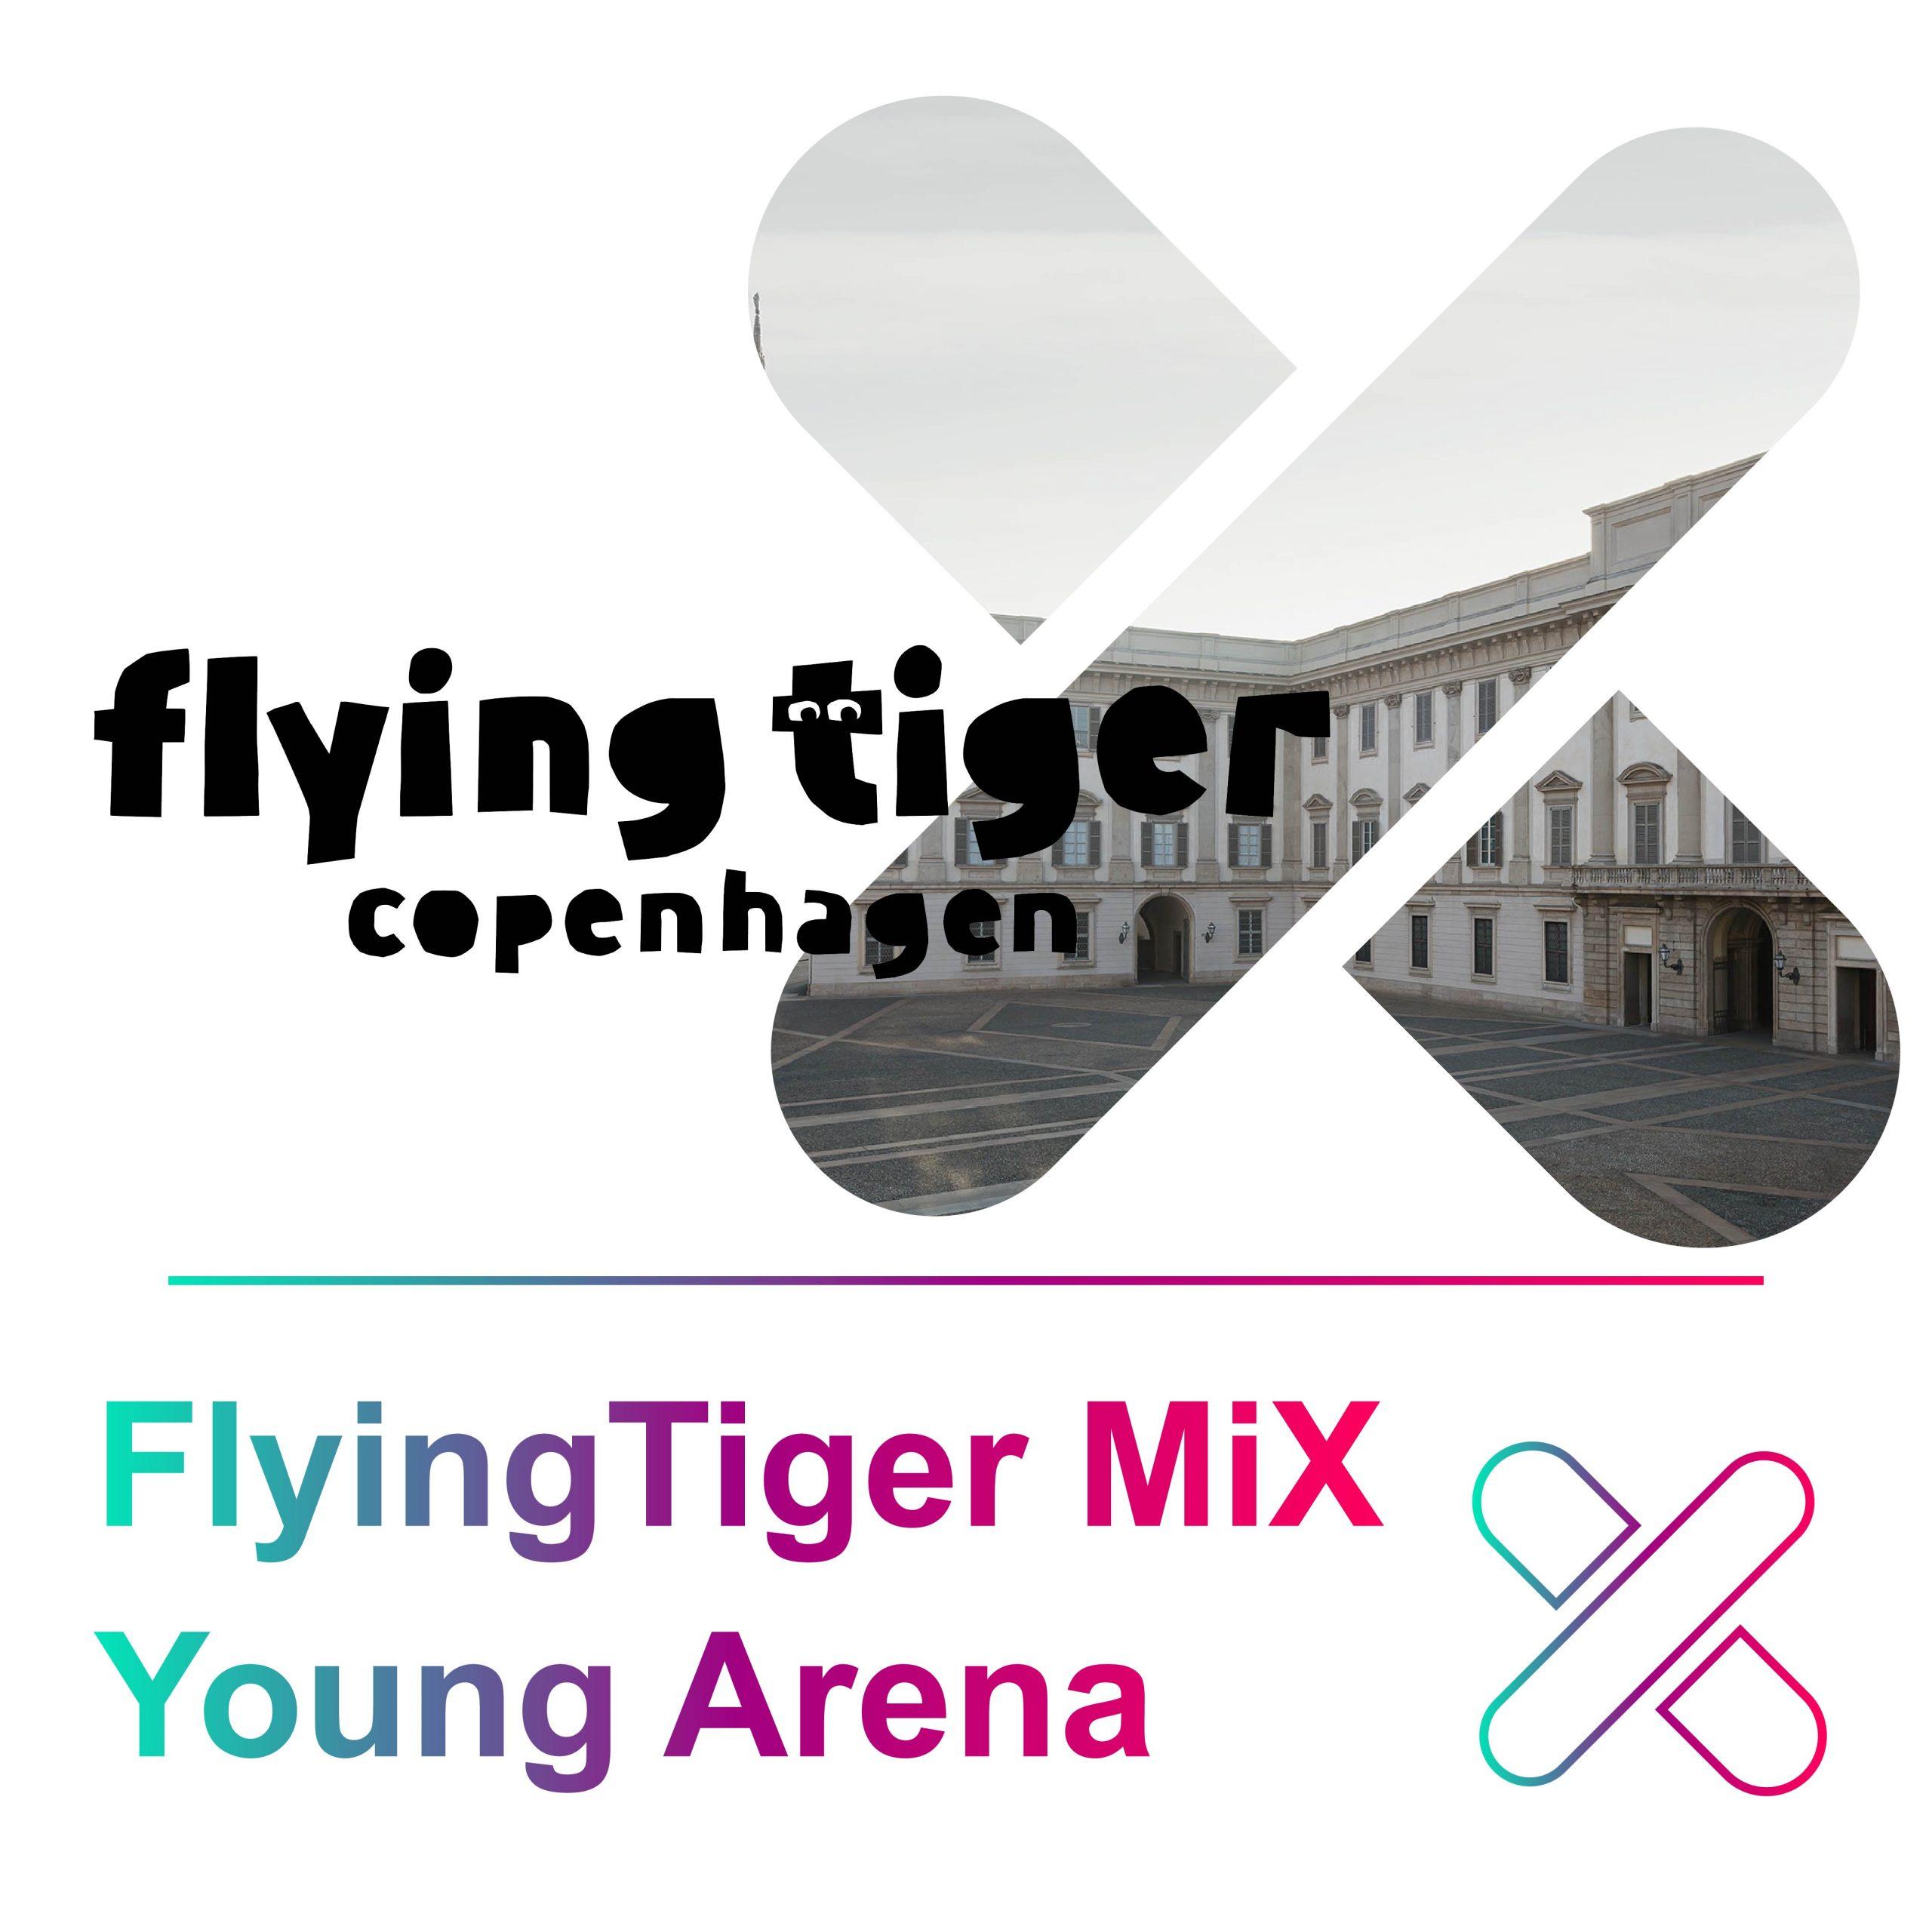 Intervista MiX a Flying Tiger Copenaghen